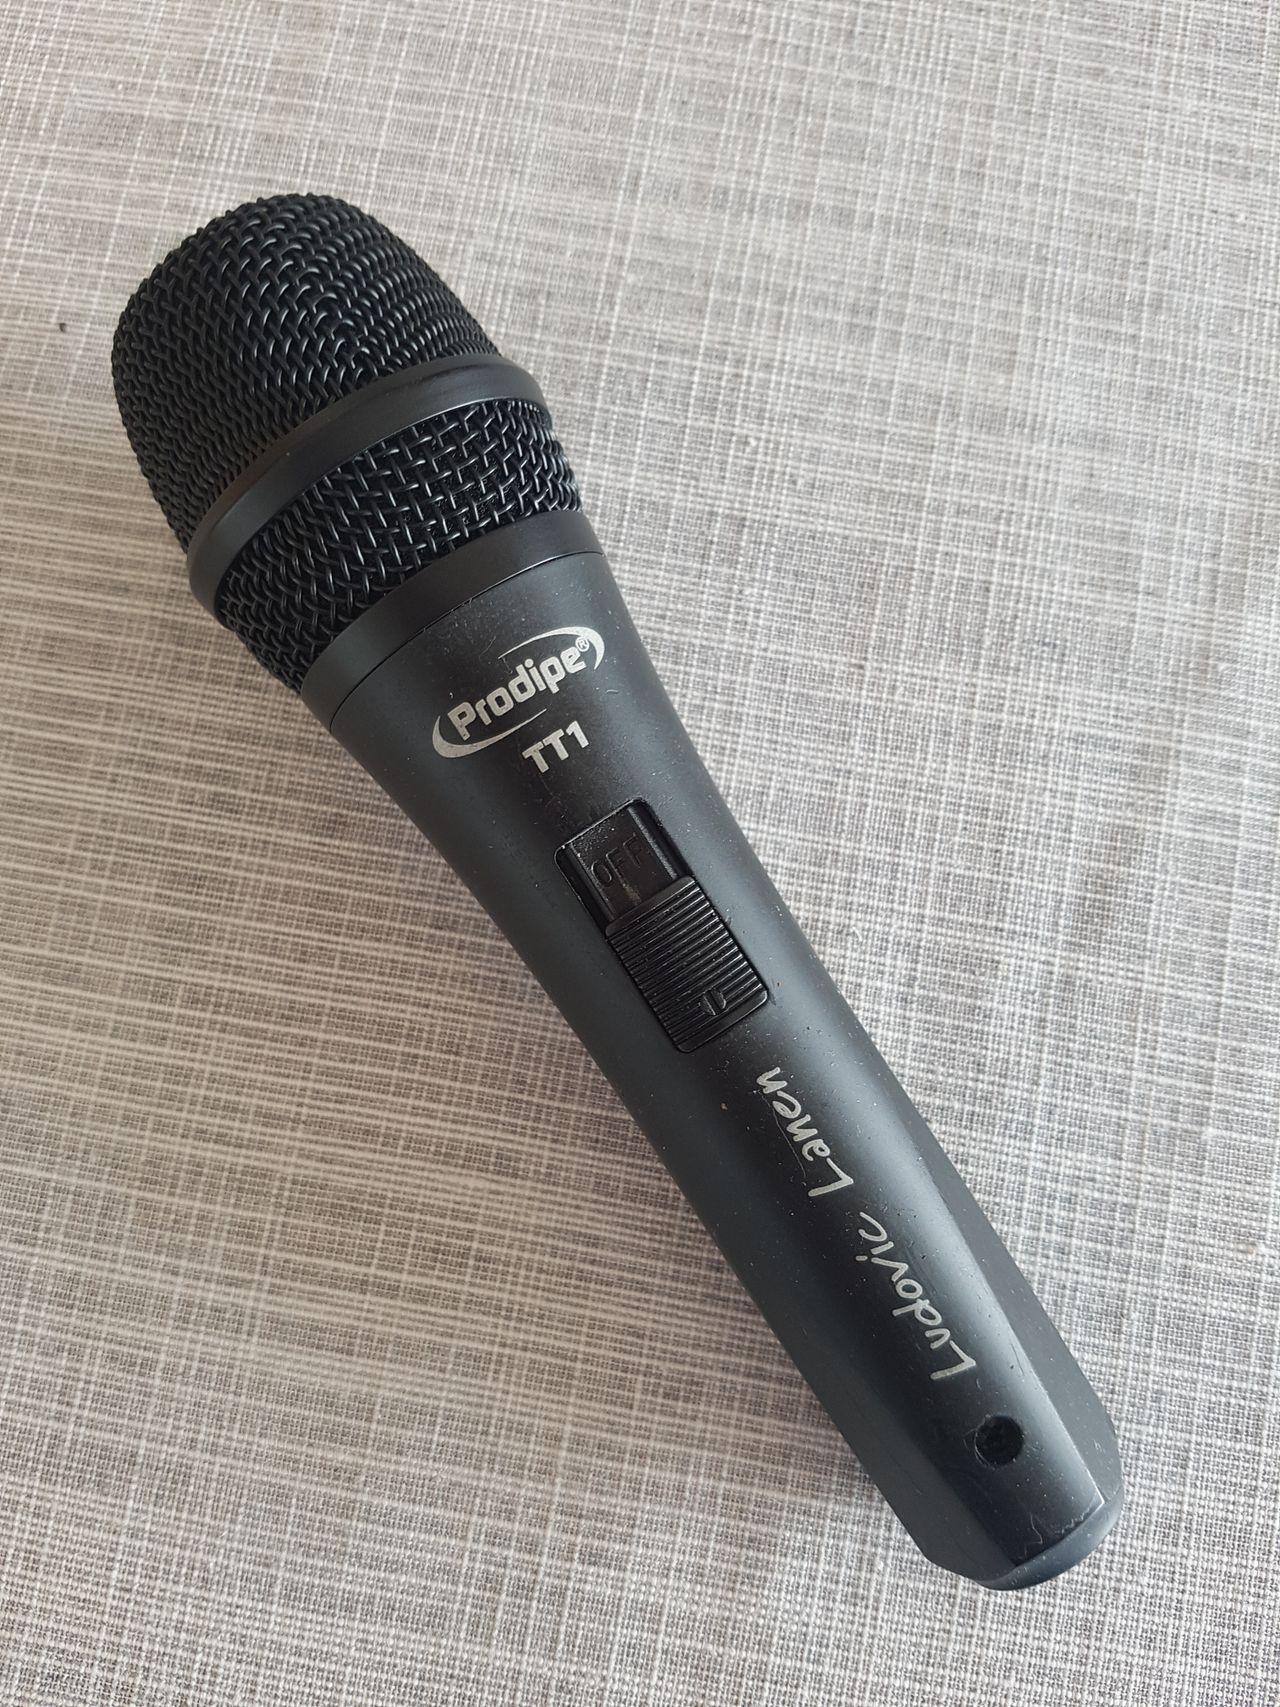 Prodipe TT1 vokalmikrofon   FINN.no